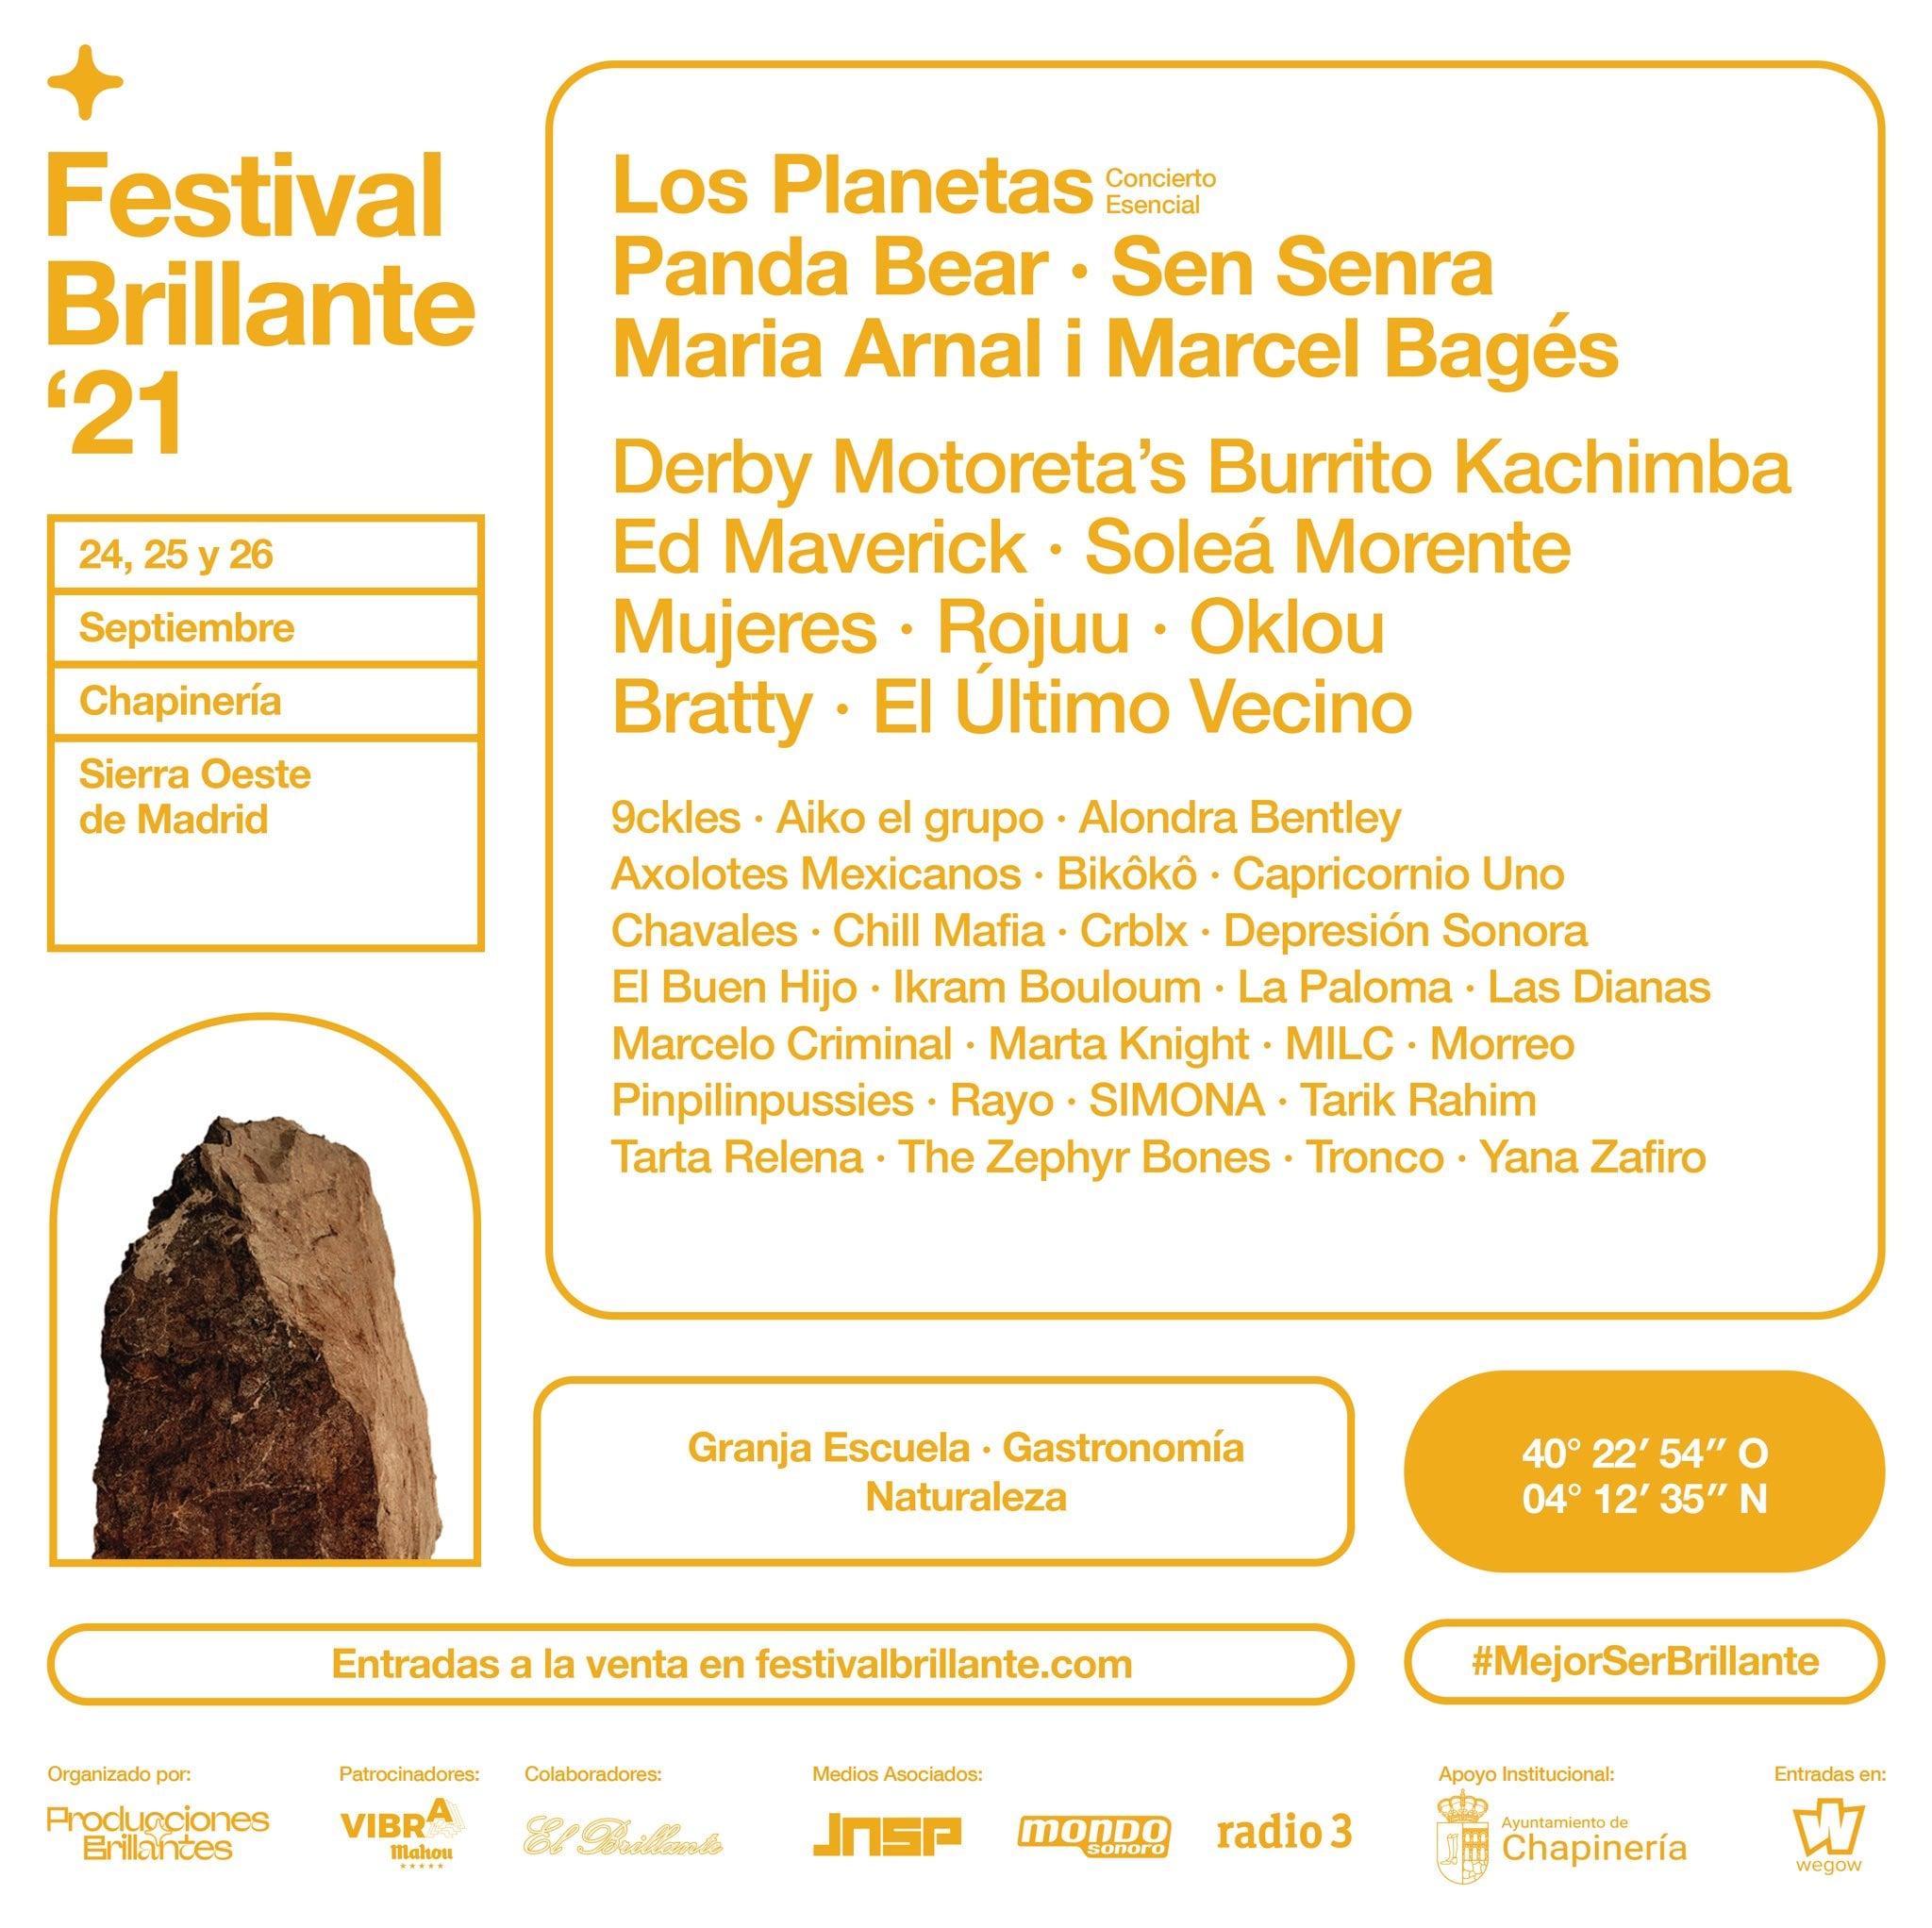 festival brillante madrid 09-2021